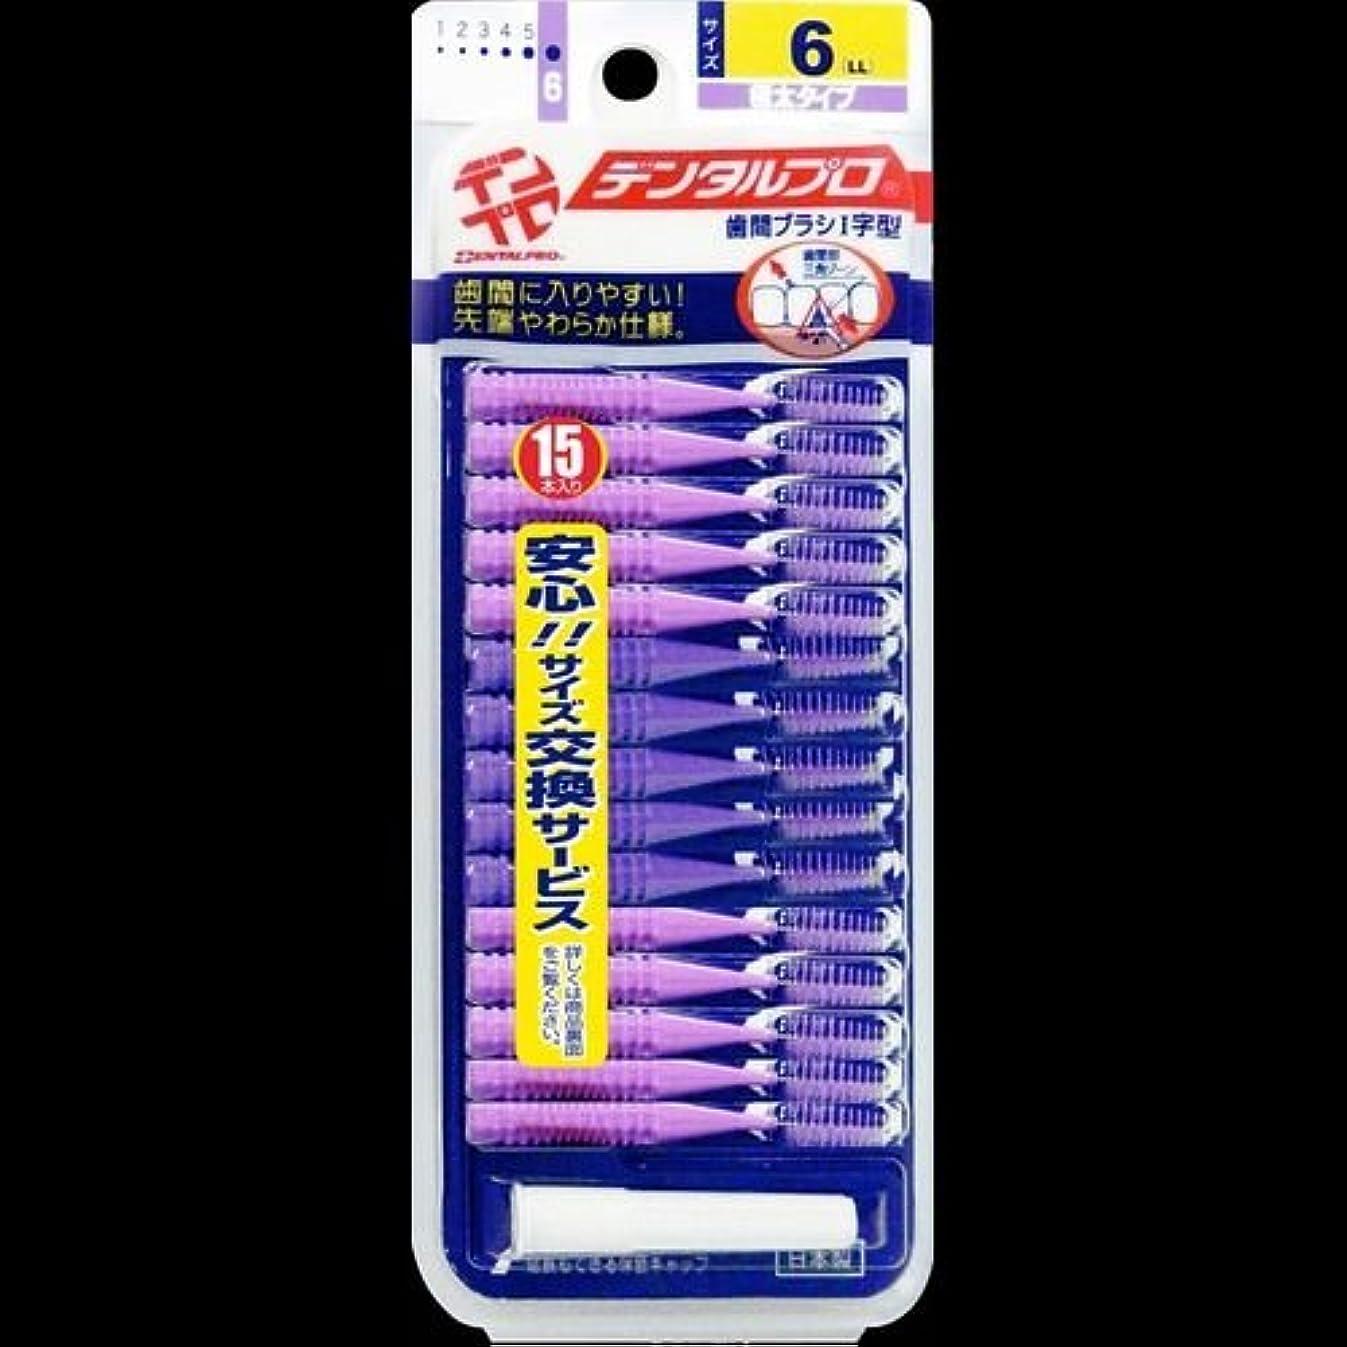 ウサギテレビ局抵抗力があるデンタルプロ 歯間ブラシ 15本入 サイズ6(LL) ×2セット